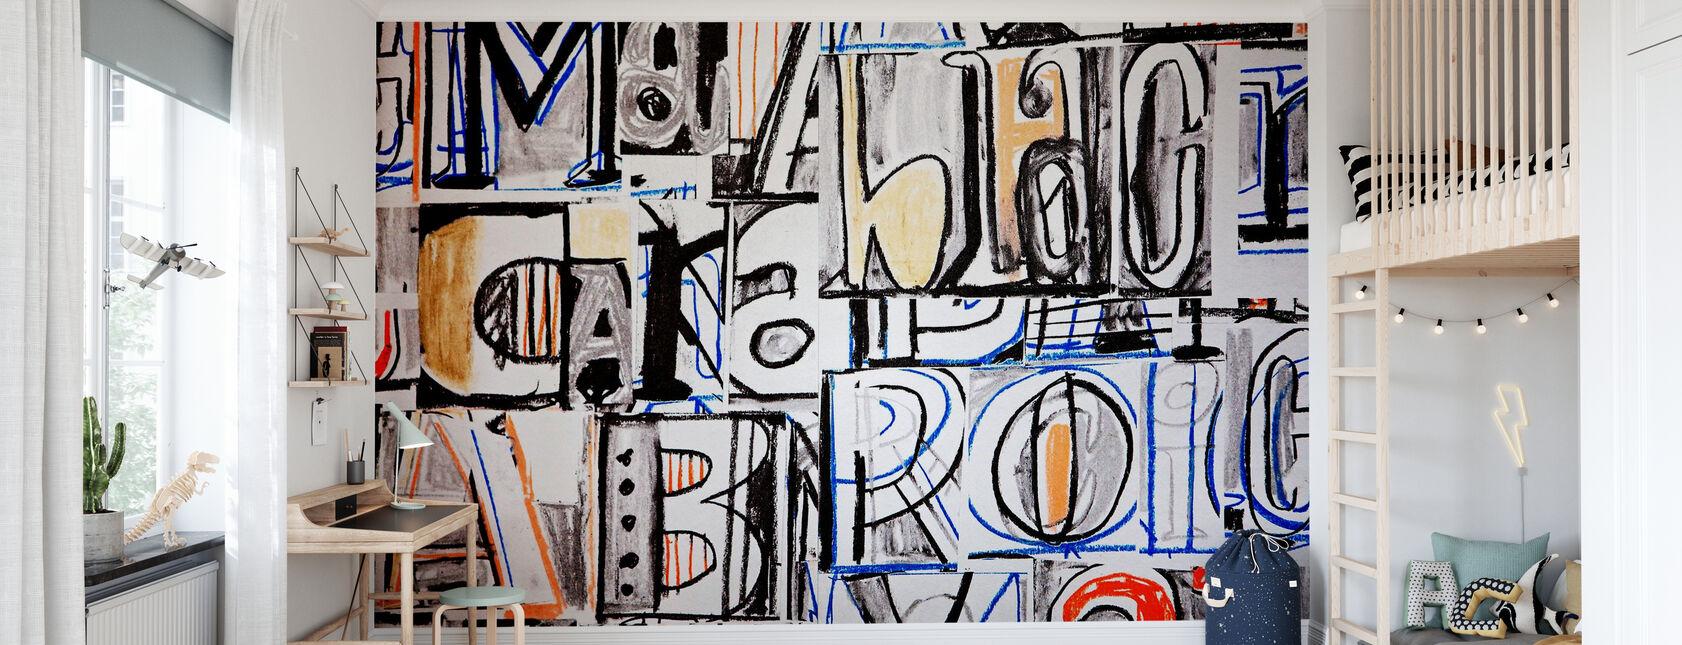 Funky Letter Graffiti - Wallpaper - Kids Room